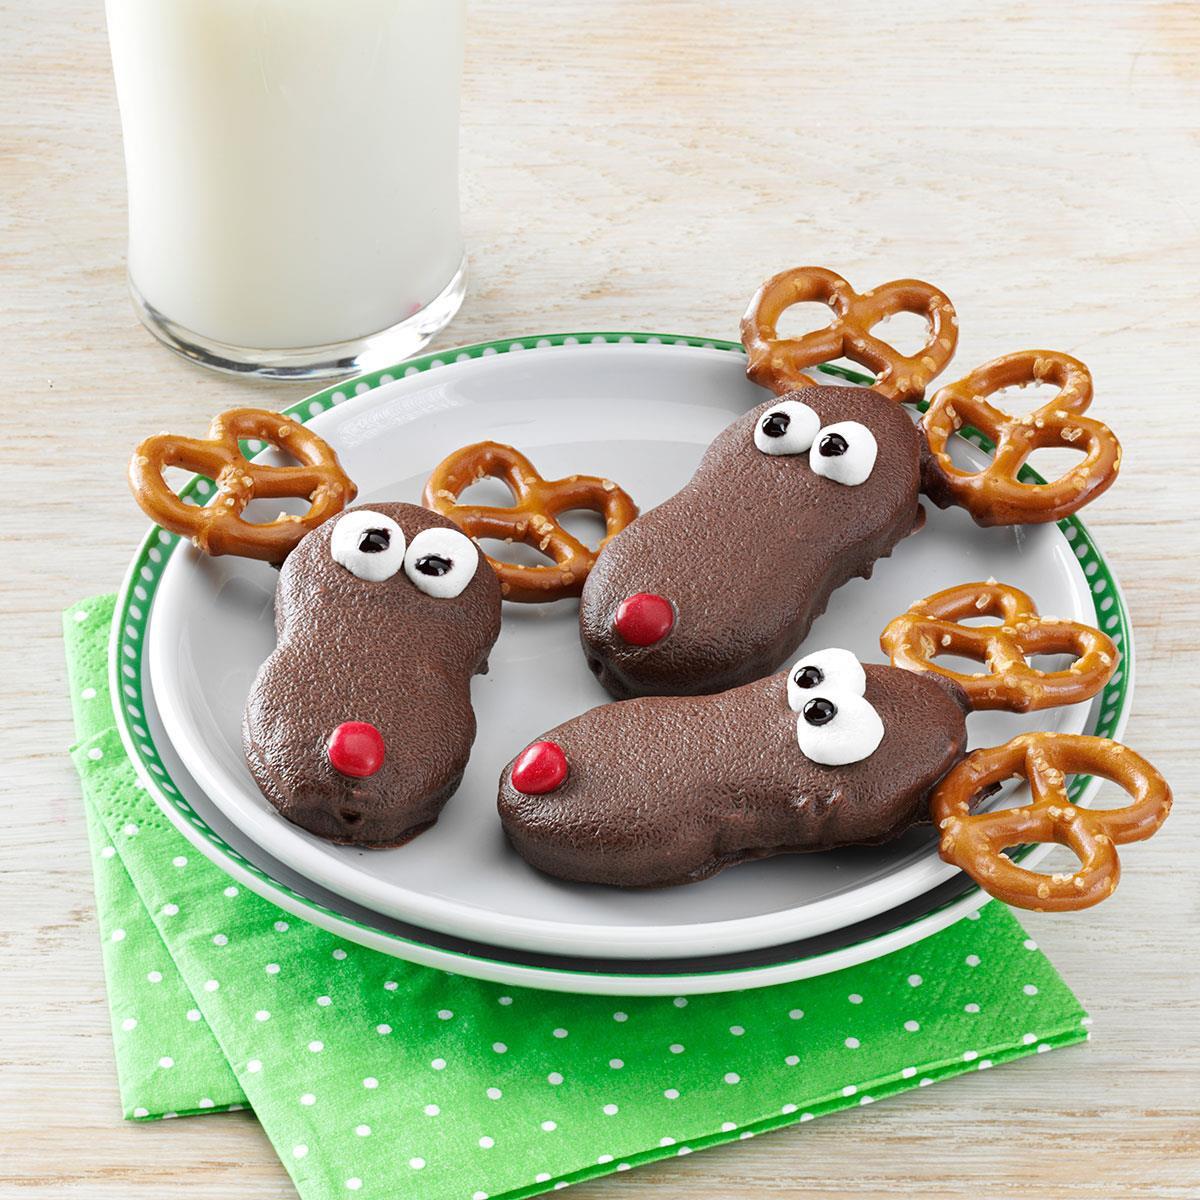 Taste Of Home Christmas Cookies  Holiday Reindeer Cookies Recipe